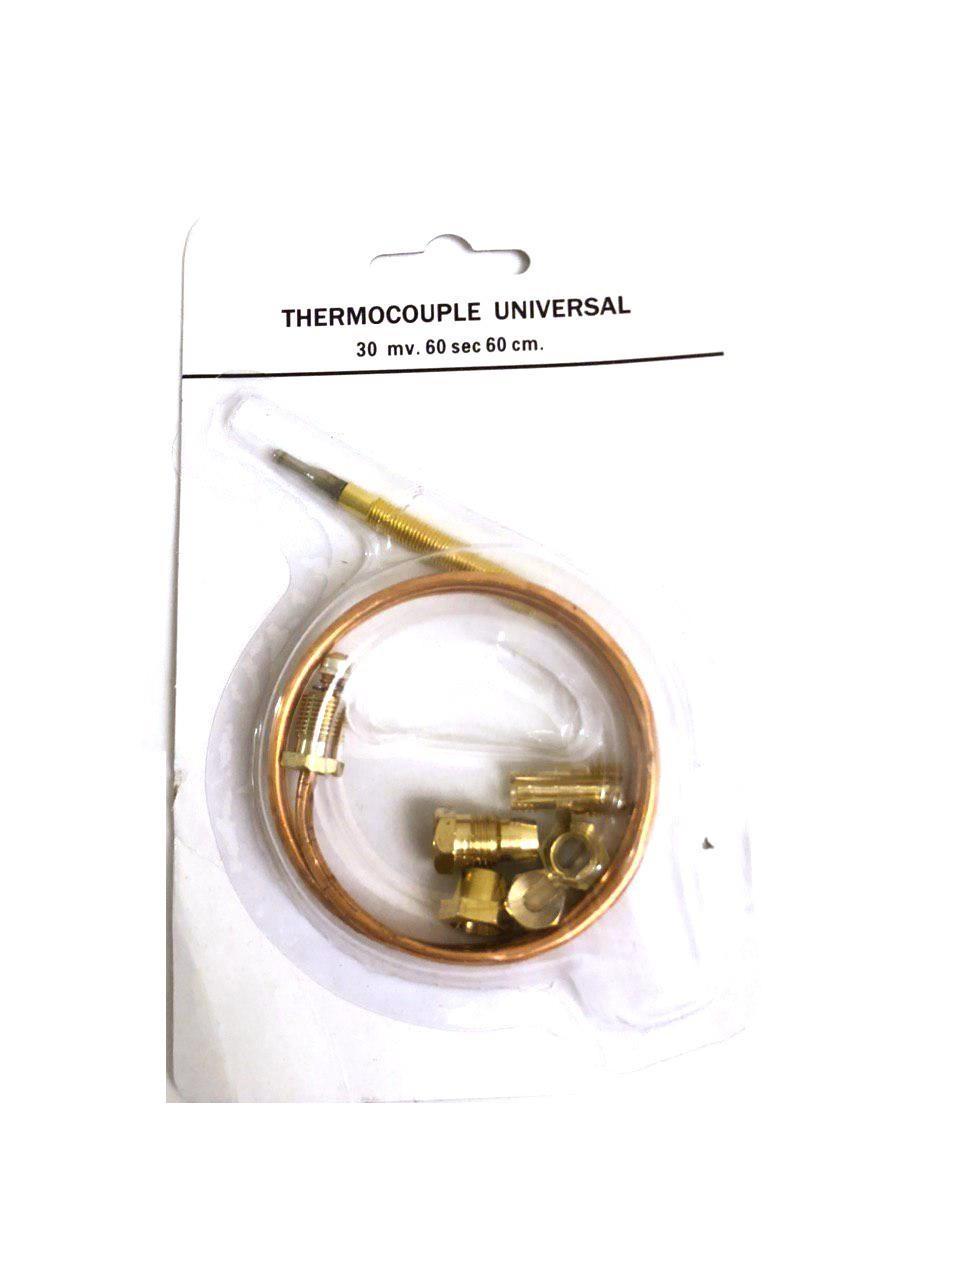 Термопара универсальная (universal) для газа 60см-30mv-60sec